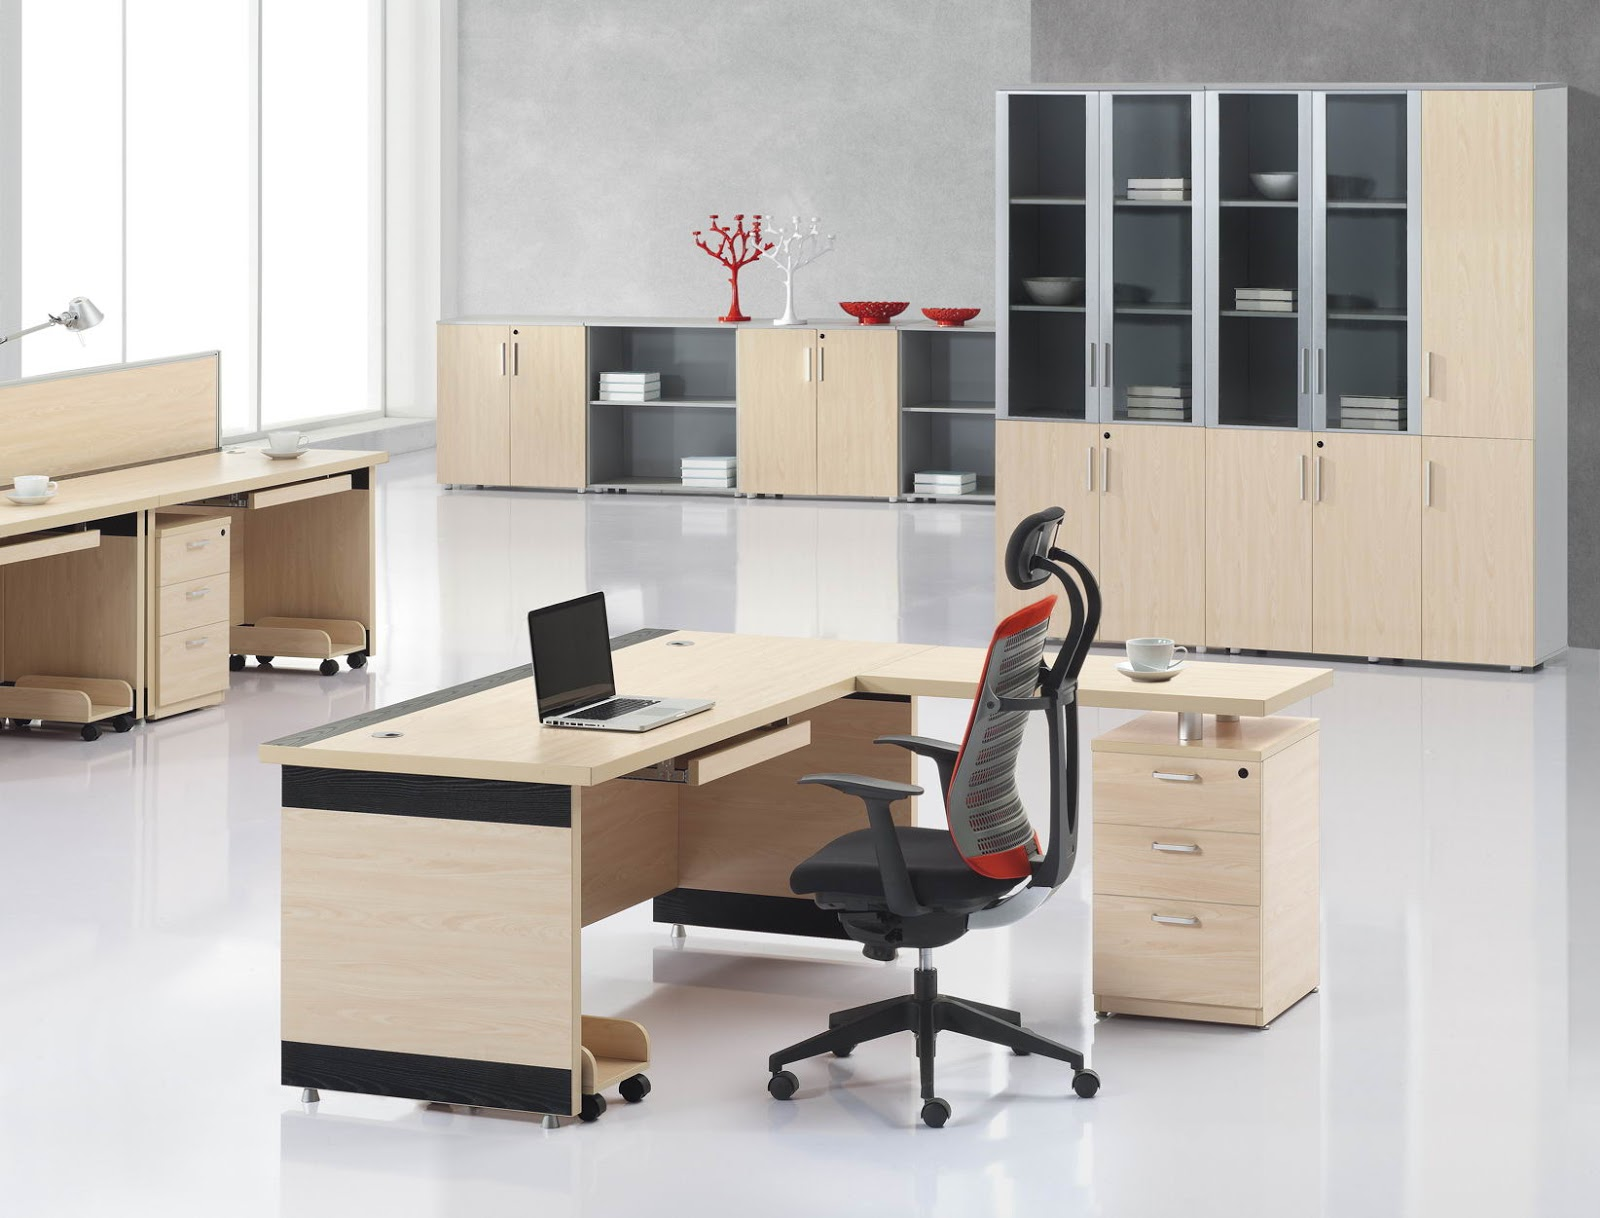 Muebles en melamina Que son y que ventajas ofrecen